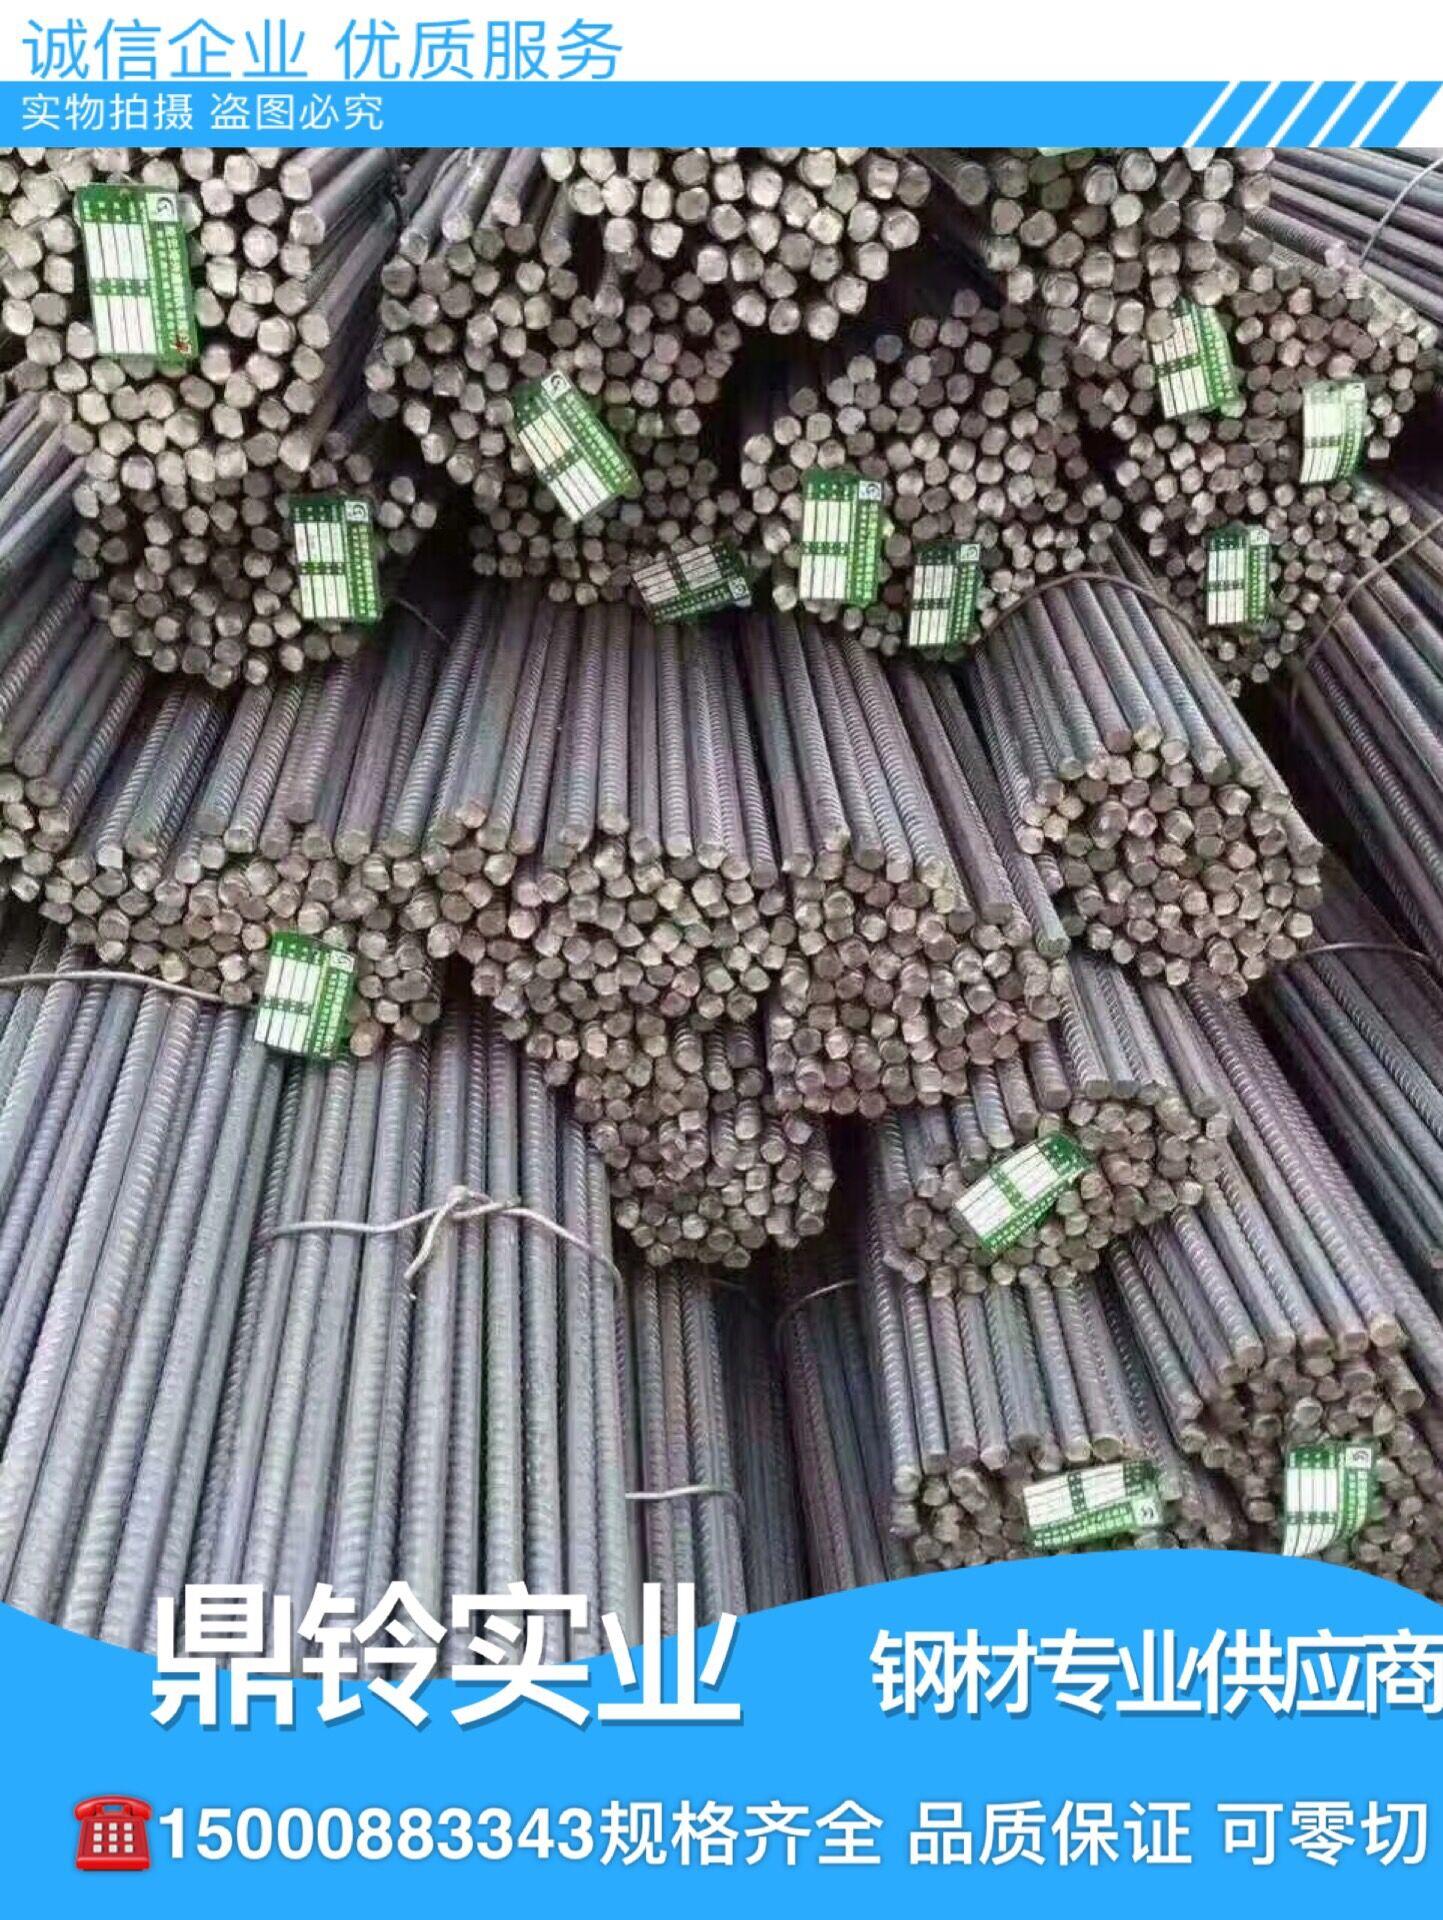 Шанхай строить лесоматериалы земля строить усиленный резьба винтов усиленный 12mm/16mm/25mm землетрясение резьба винтов сталь горячей рулон группа рубчик усиленный